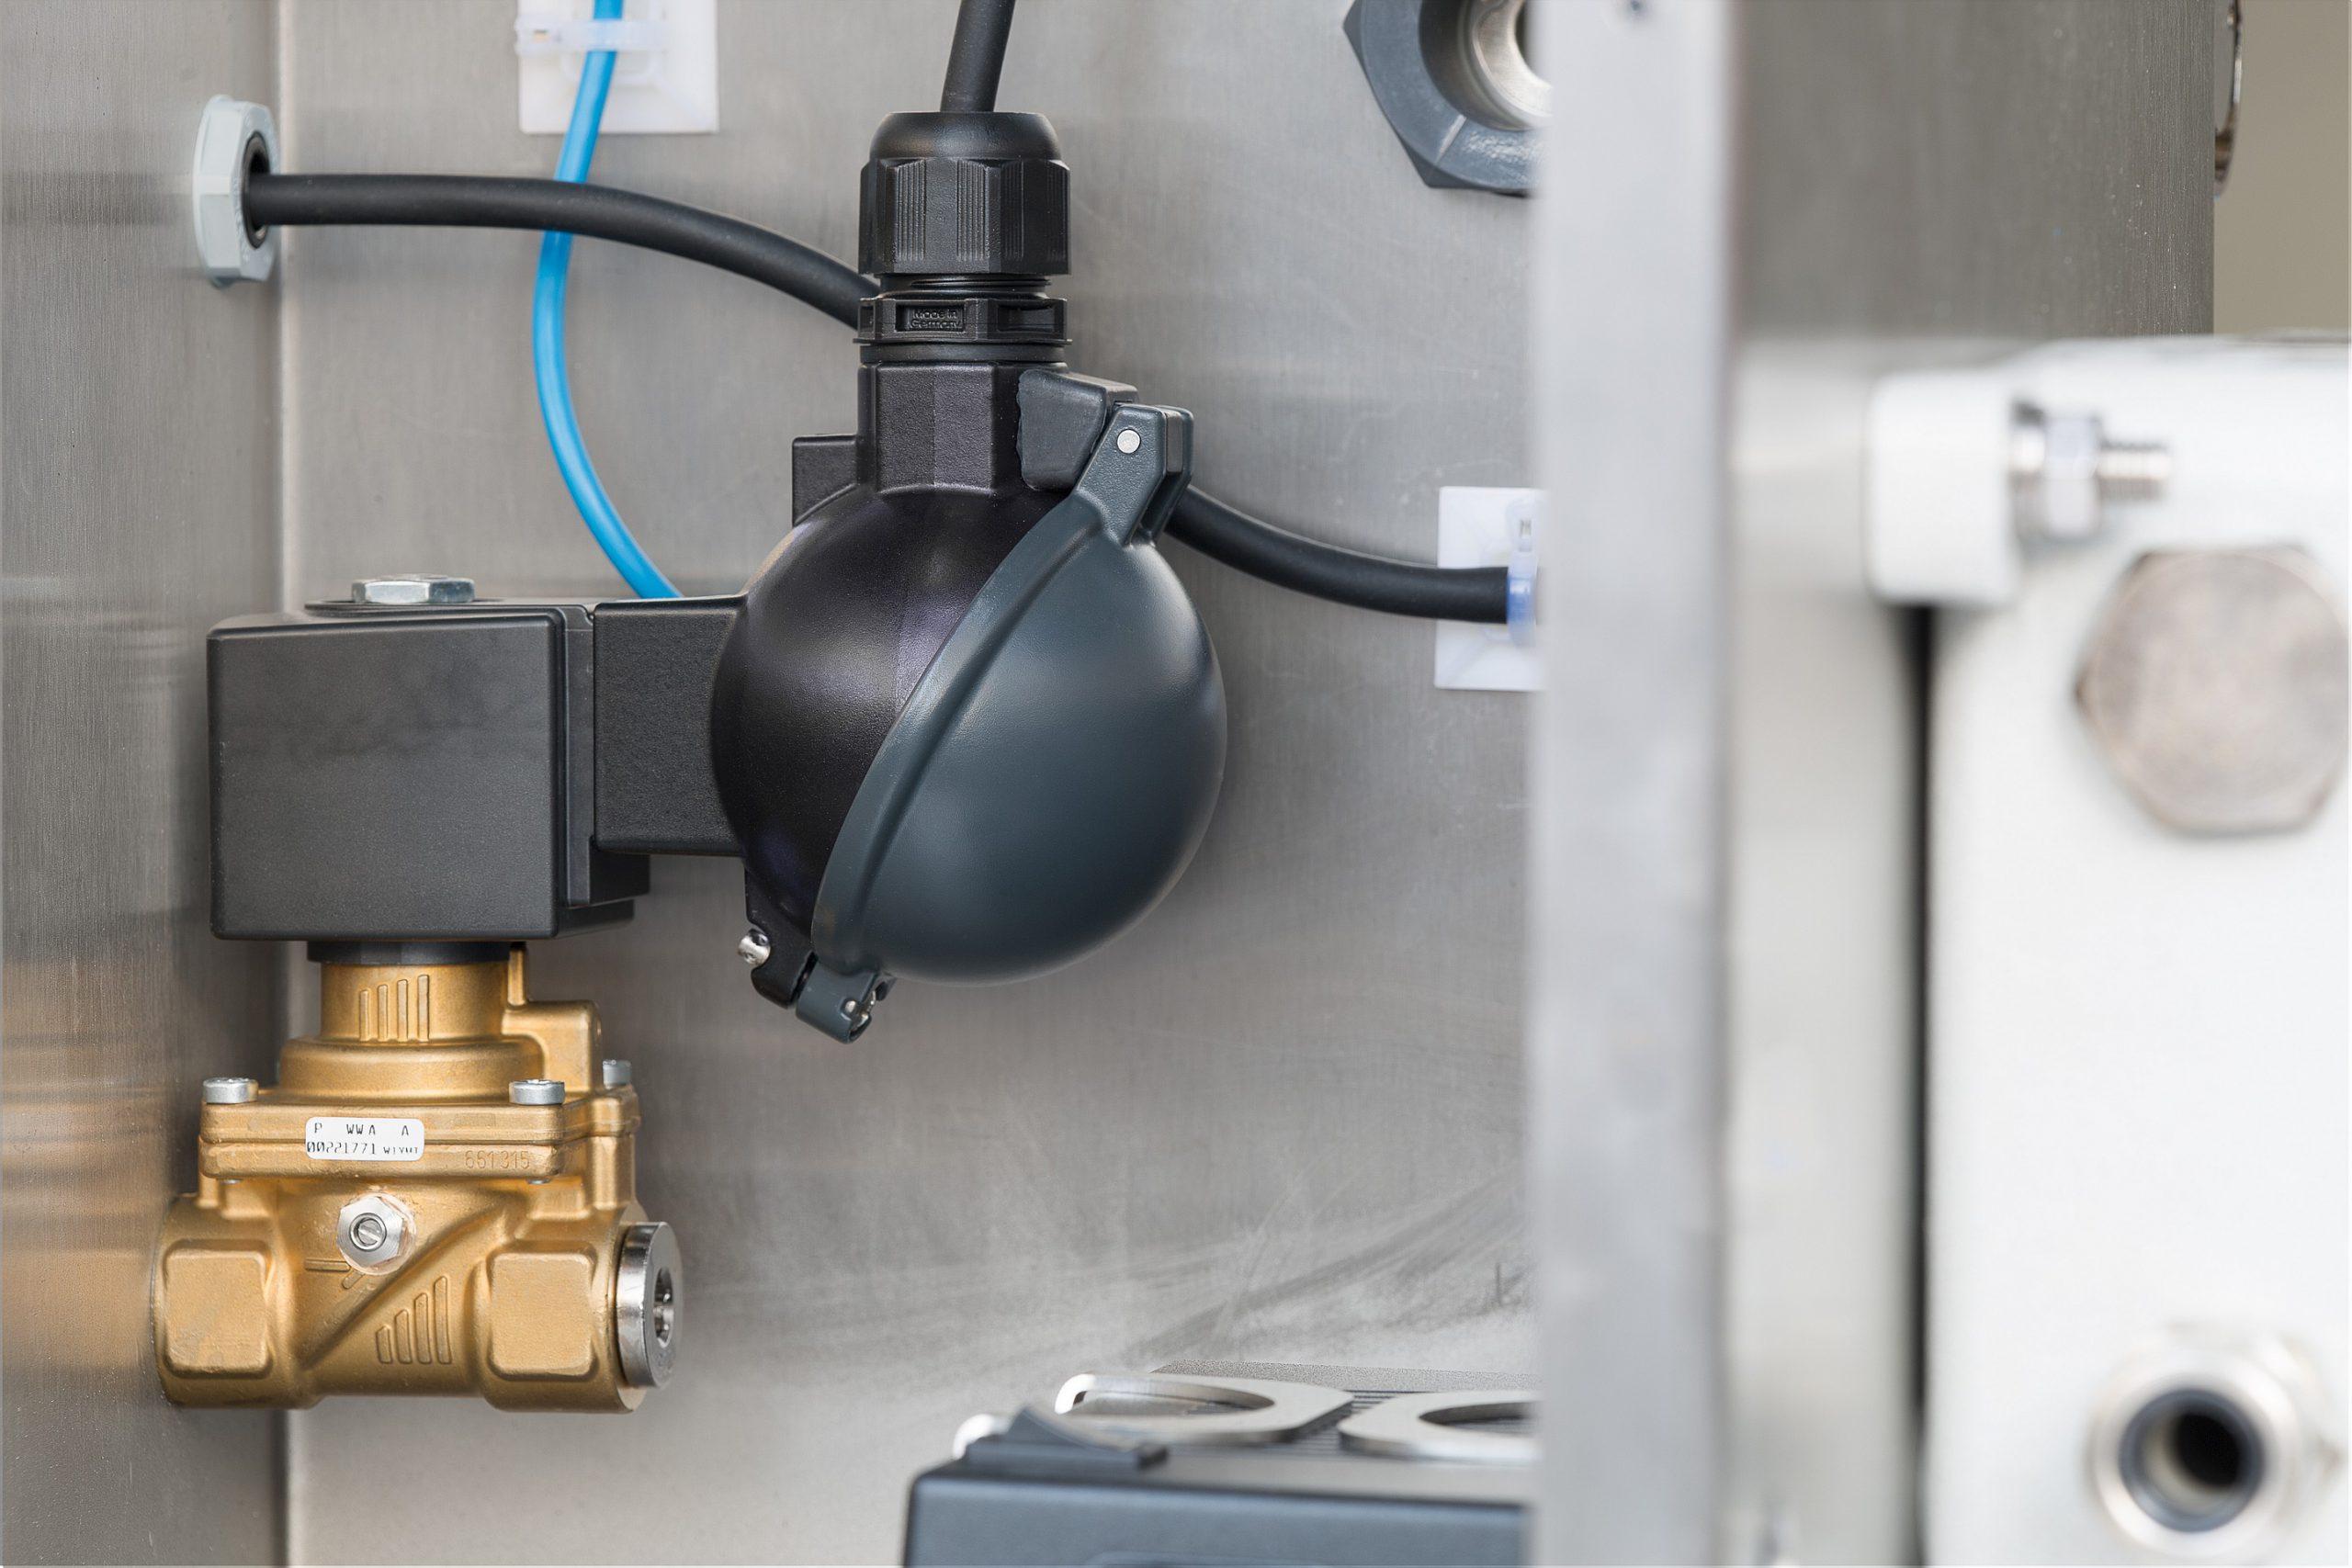 Im Normalbetrieb stromlose Magnetventile mit mechanisch einstellbarer Durchflussmenge bieten einen absolut sicheren und ausfallfreien Betrieb der Ex p Schaltschränke. Bild: Bürkert